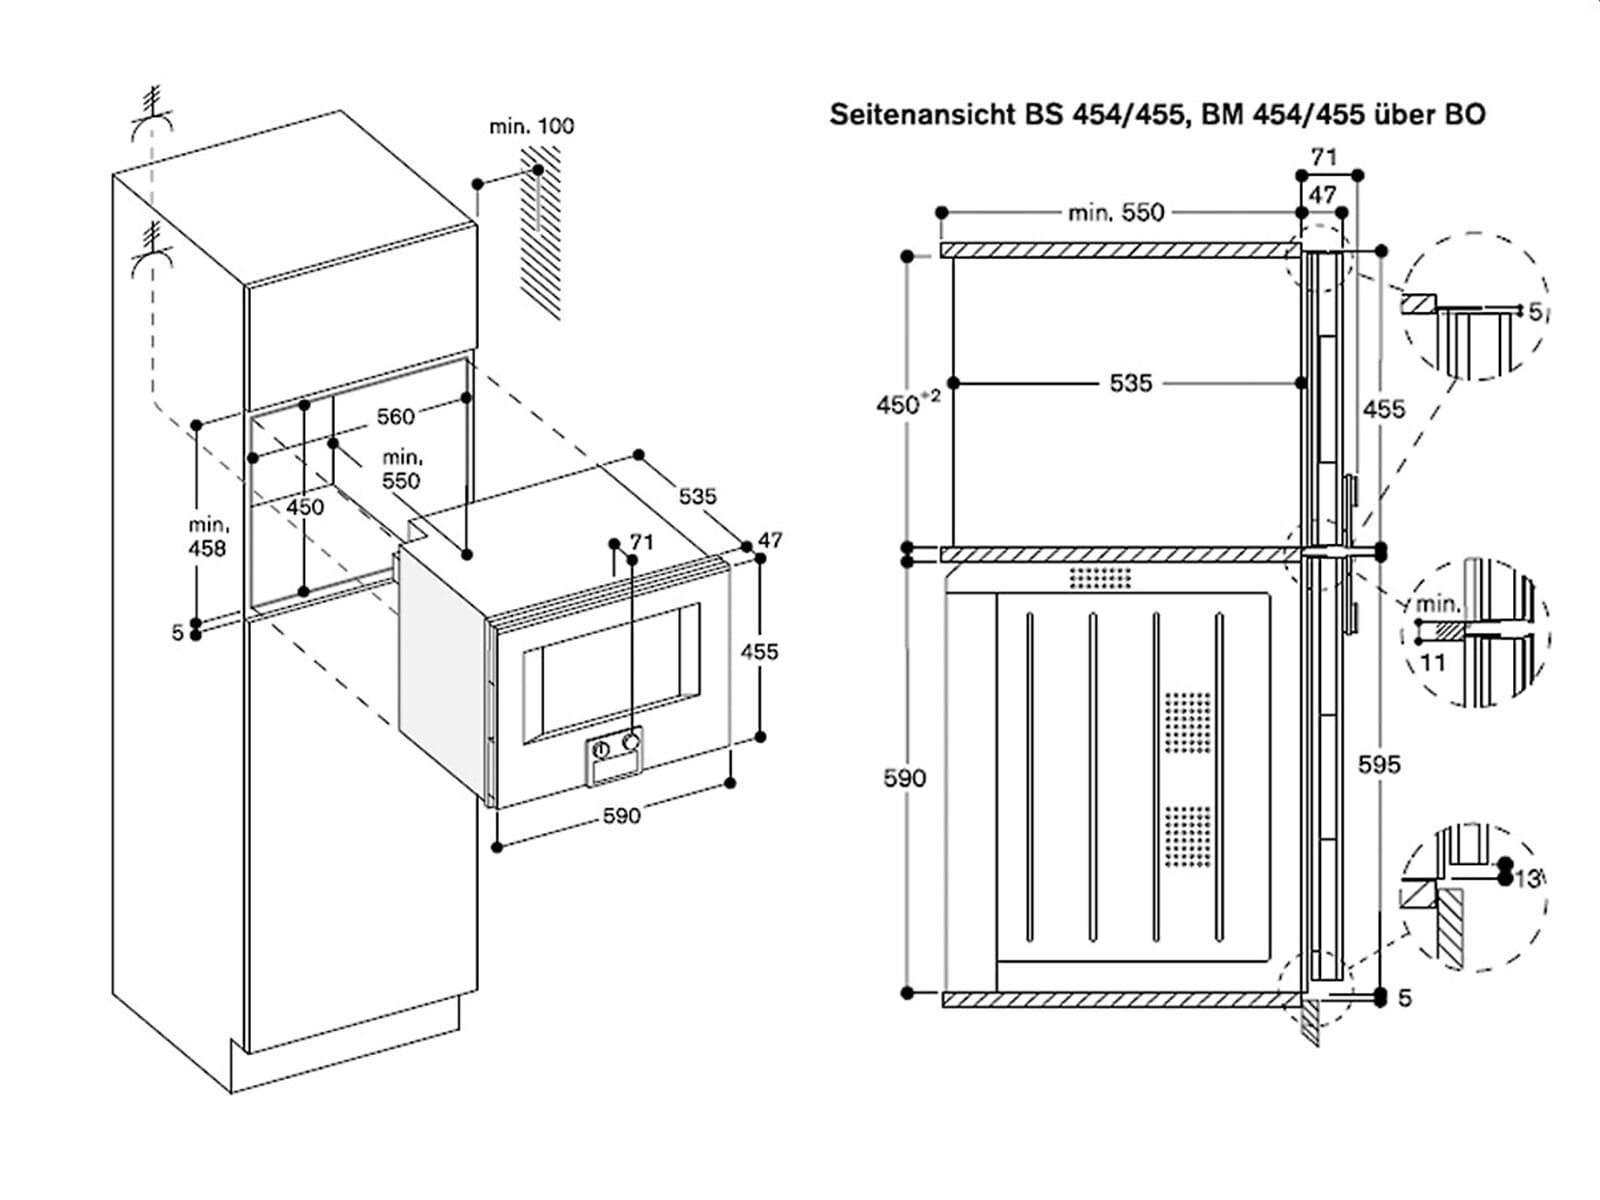 Gaggenau BS 455 110 Dampfbackofen Serie 400 Edelstahl/Glas